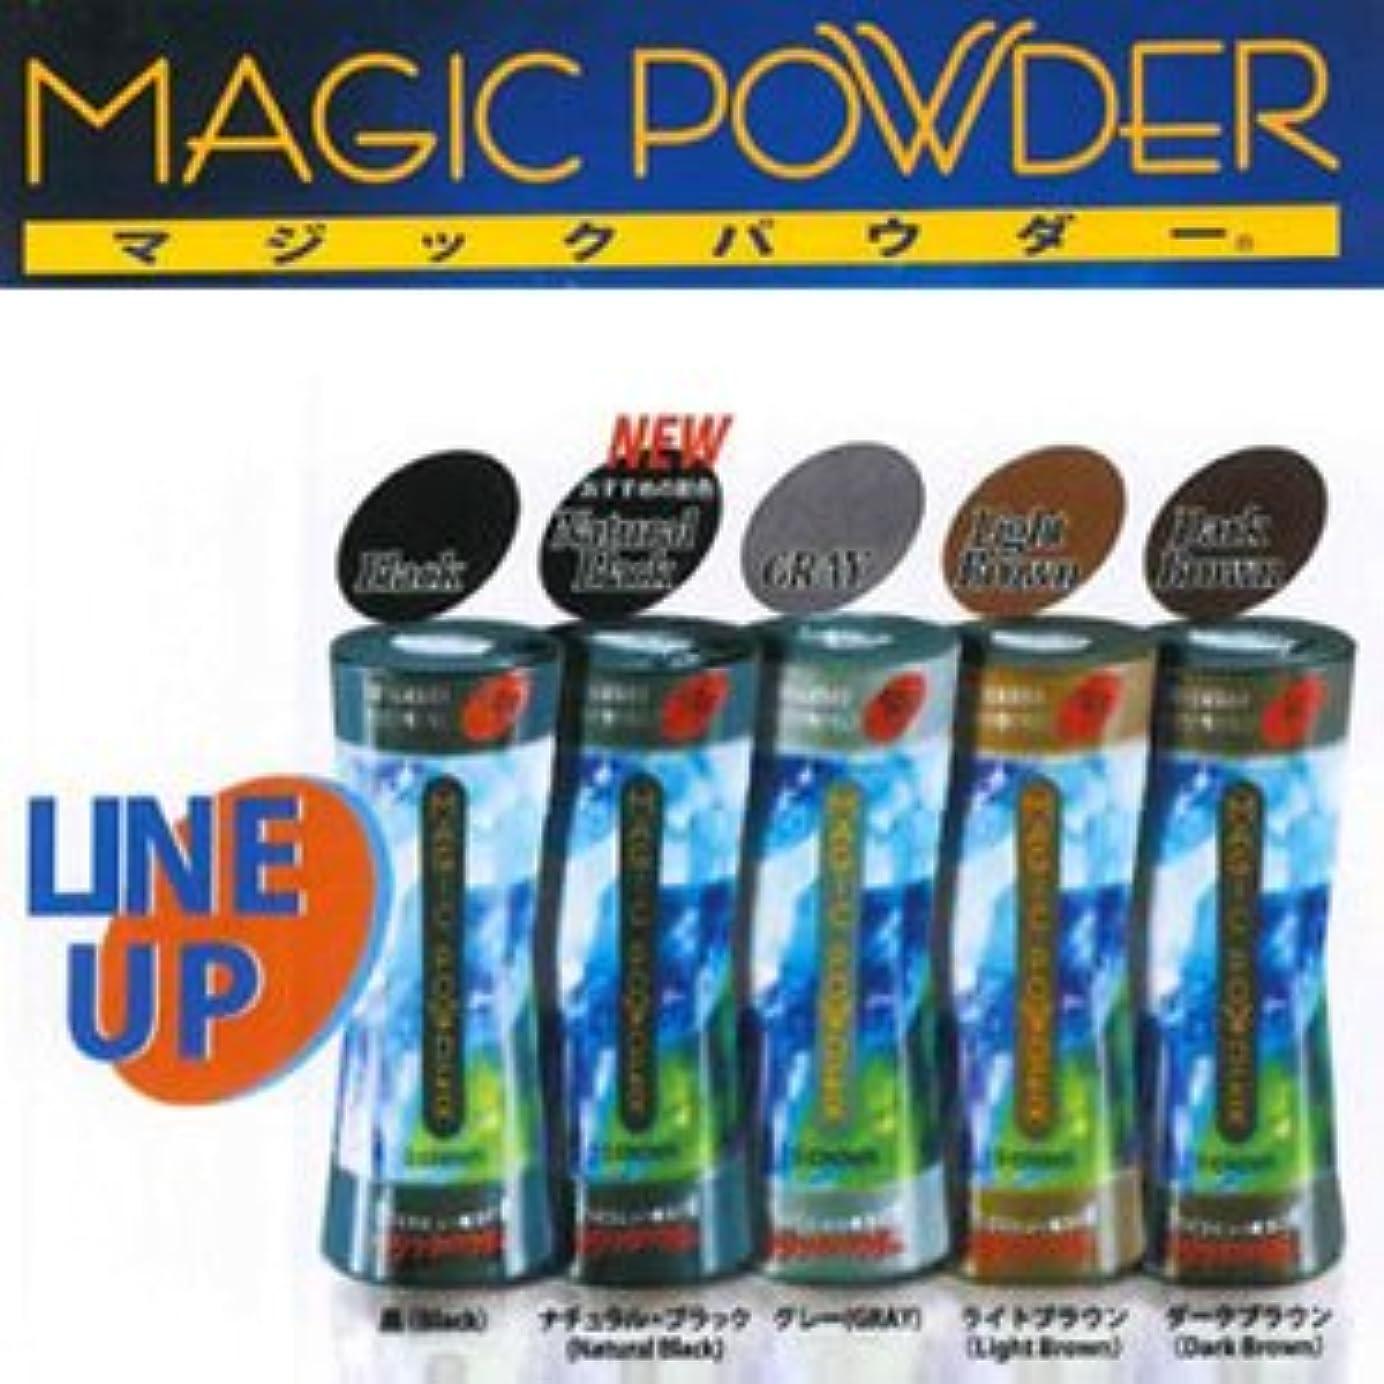 希望に満ちた到着貧困MAGIC POWDER マジックパウダー グレー 50g  ※貴方の髪を簡単ボリュームアップ!